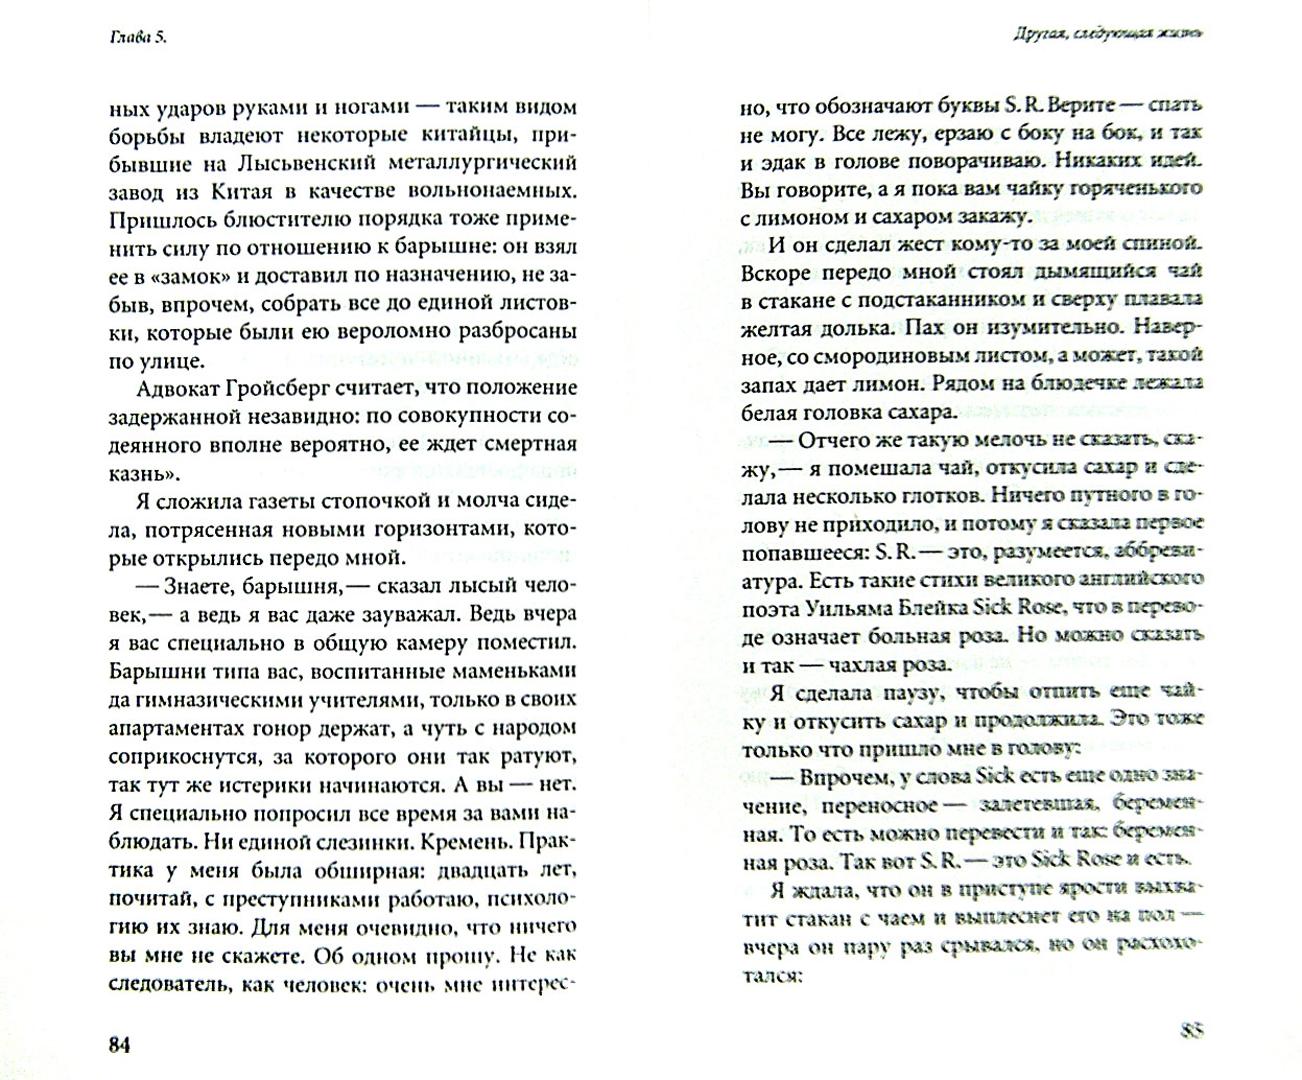 Иллюстрация 1 из 8 для Другая, следующая жизнь - Светлана Федотова-Ивашкевич | Лабиринт - книги. Источник: Лабиринт